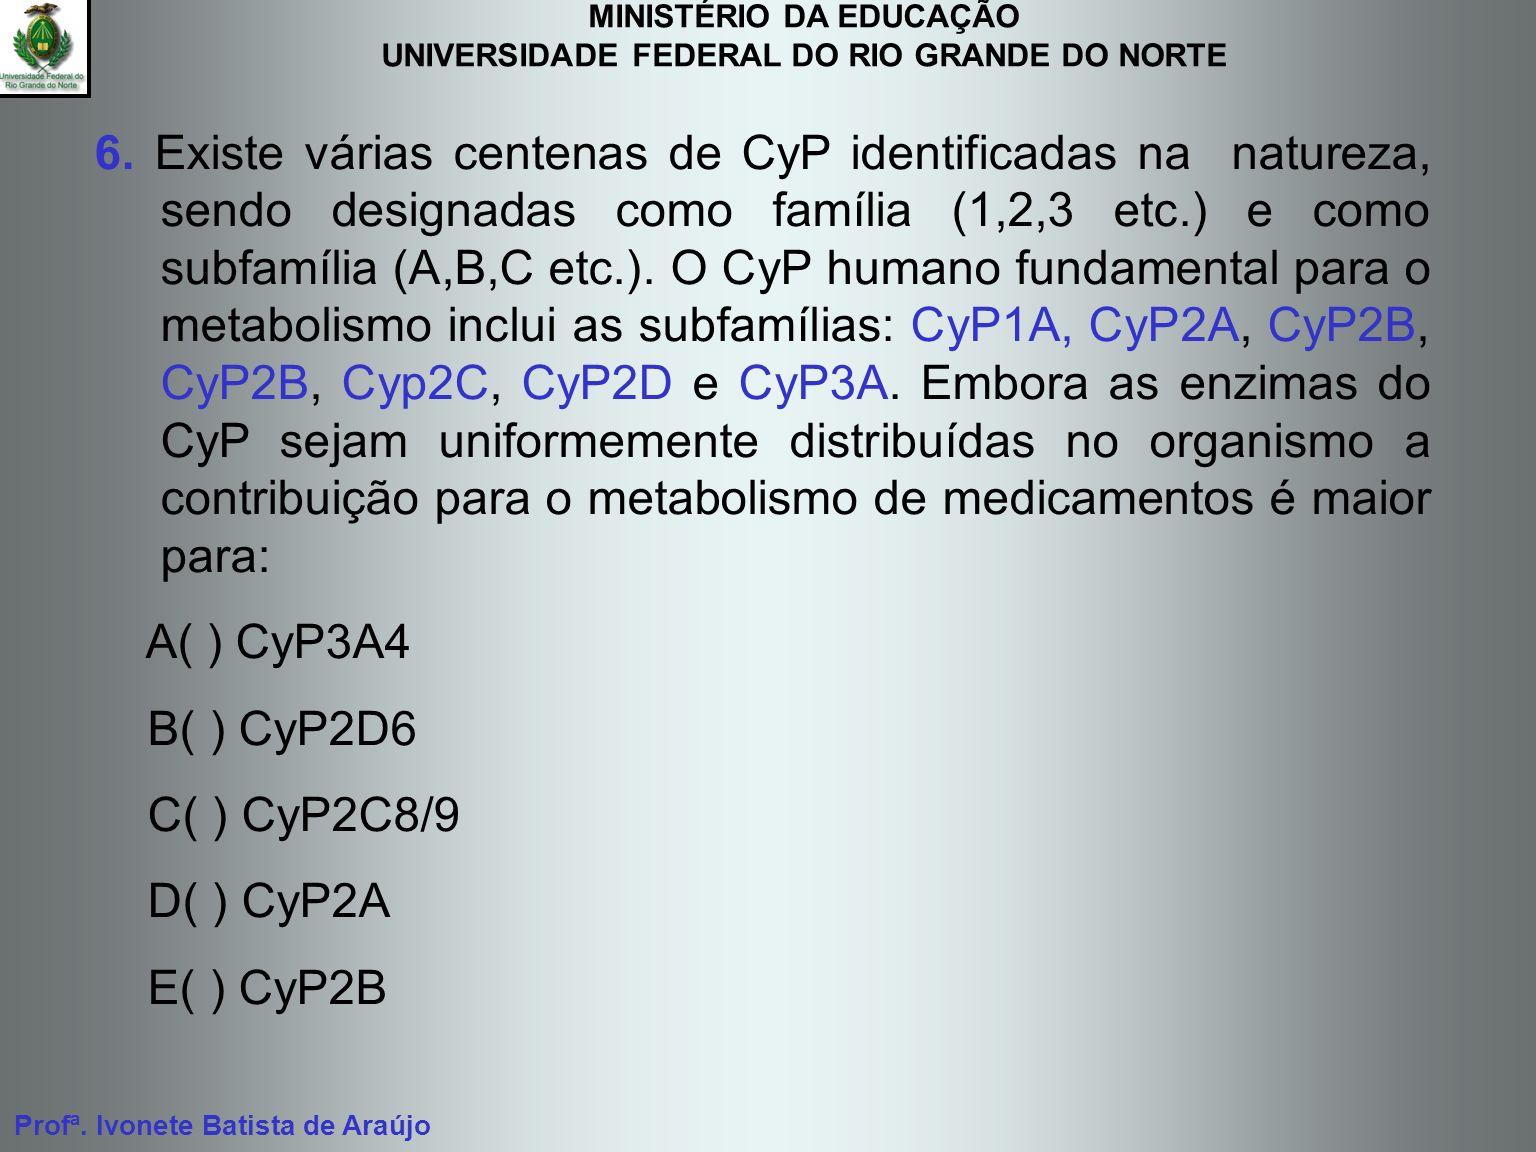 MINISTÉRIO DA EDUCAÇÃO UNIVERSIDADE FEDERAL DO RIO GRANDE DO NORTE Profª. Ivonete Batista de Araújo 6. Existe várias centenas de CyP identificadas na